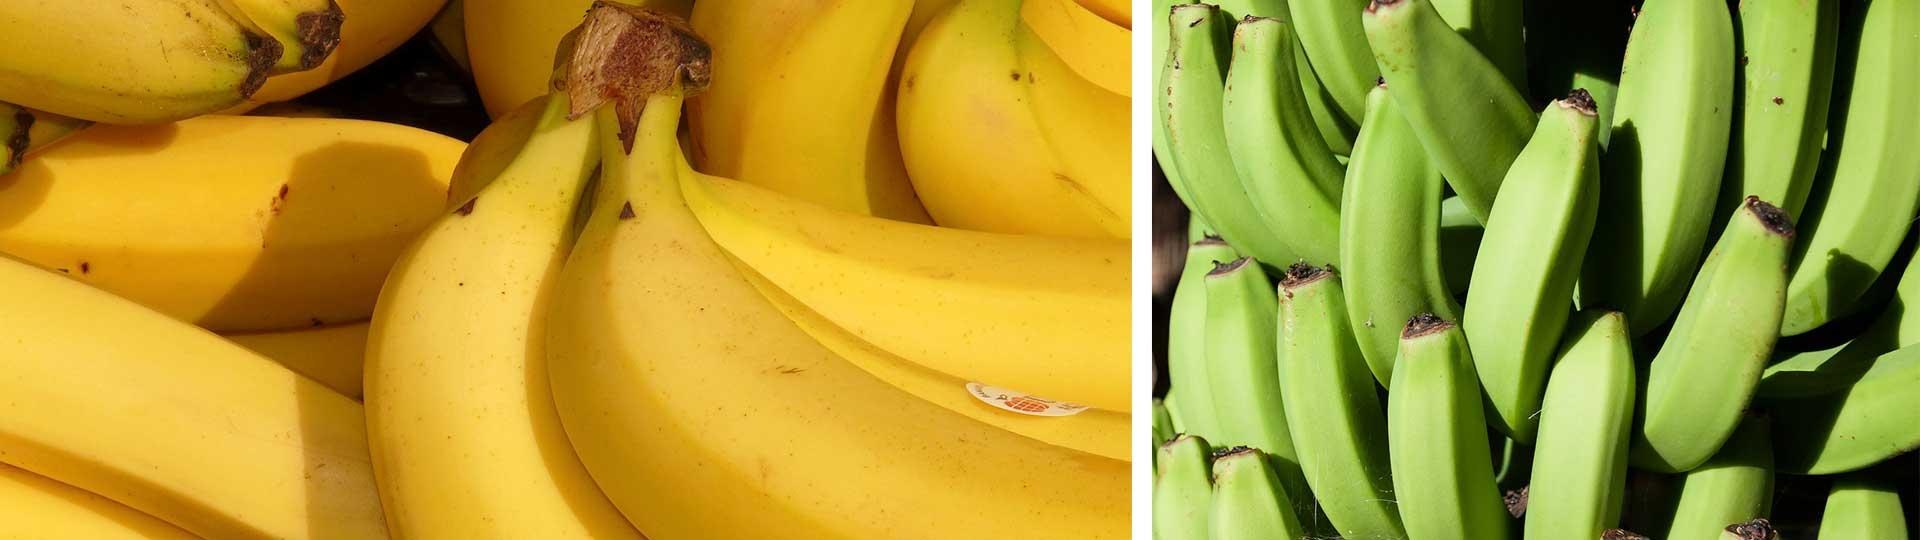 Жълти и зелени банани